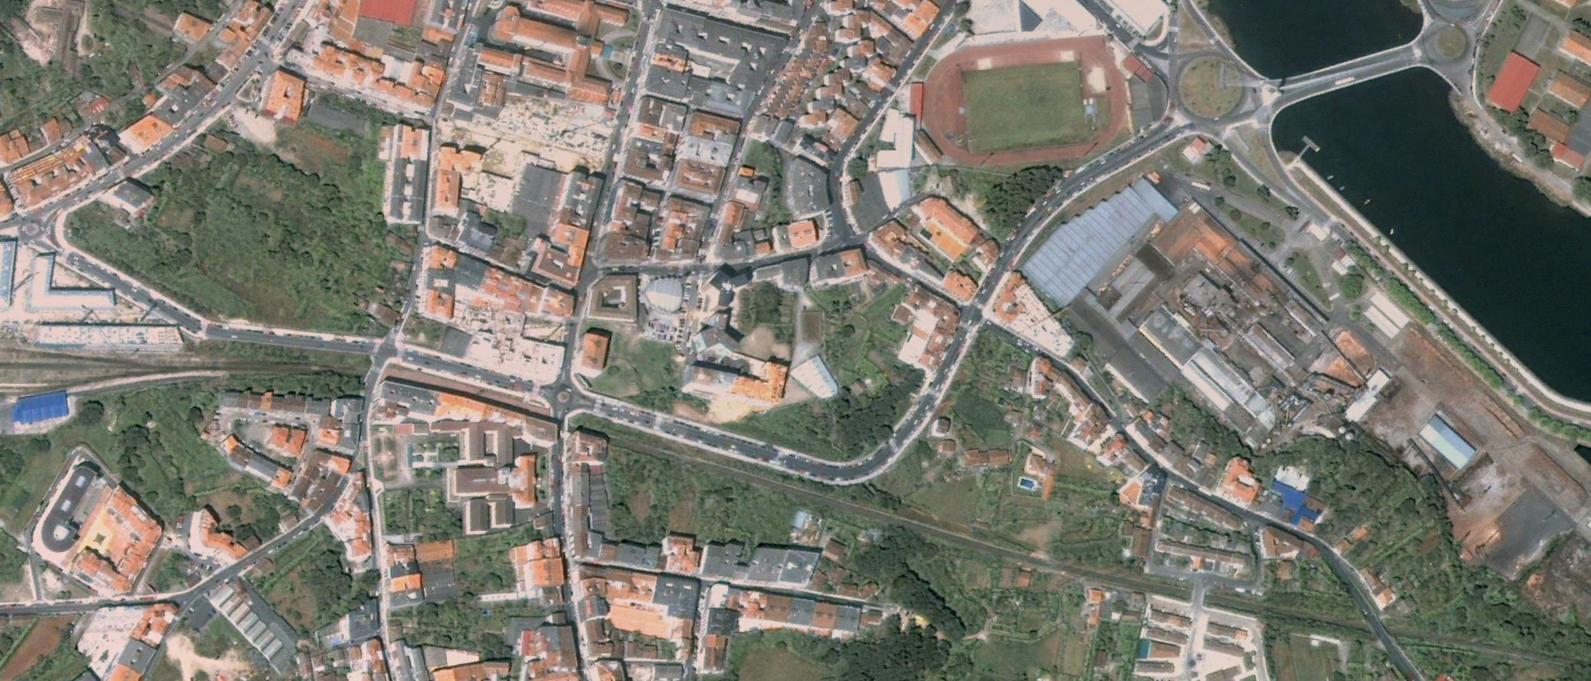 pontevedra, get grean, antes, urbanismo, planeamiento, urbano, desastre, urbanístico, construcción